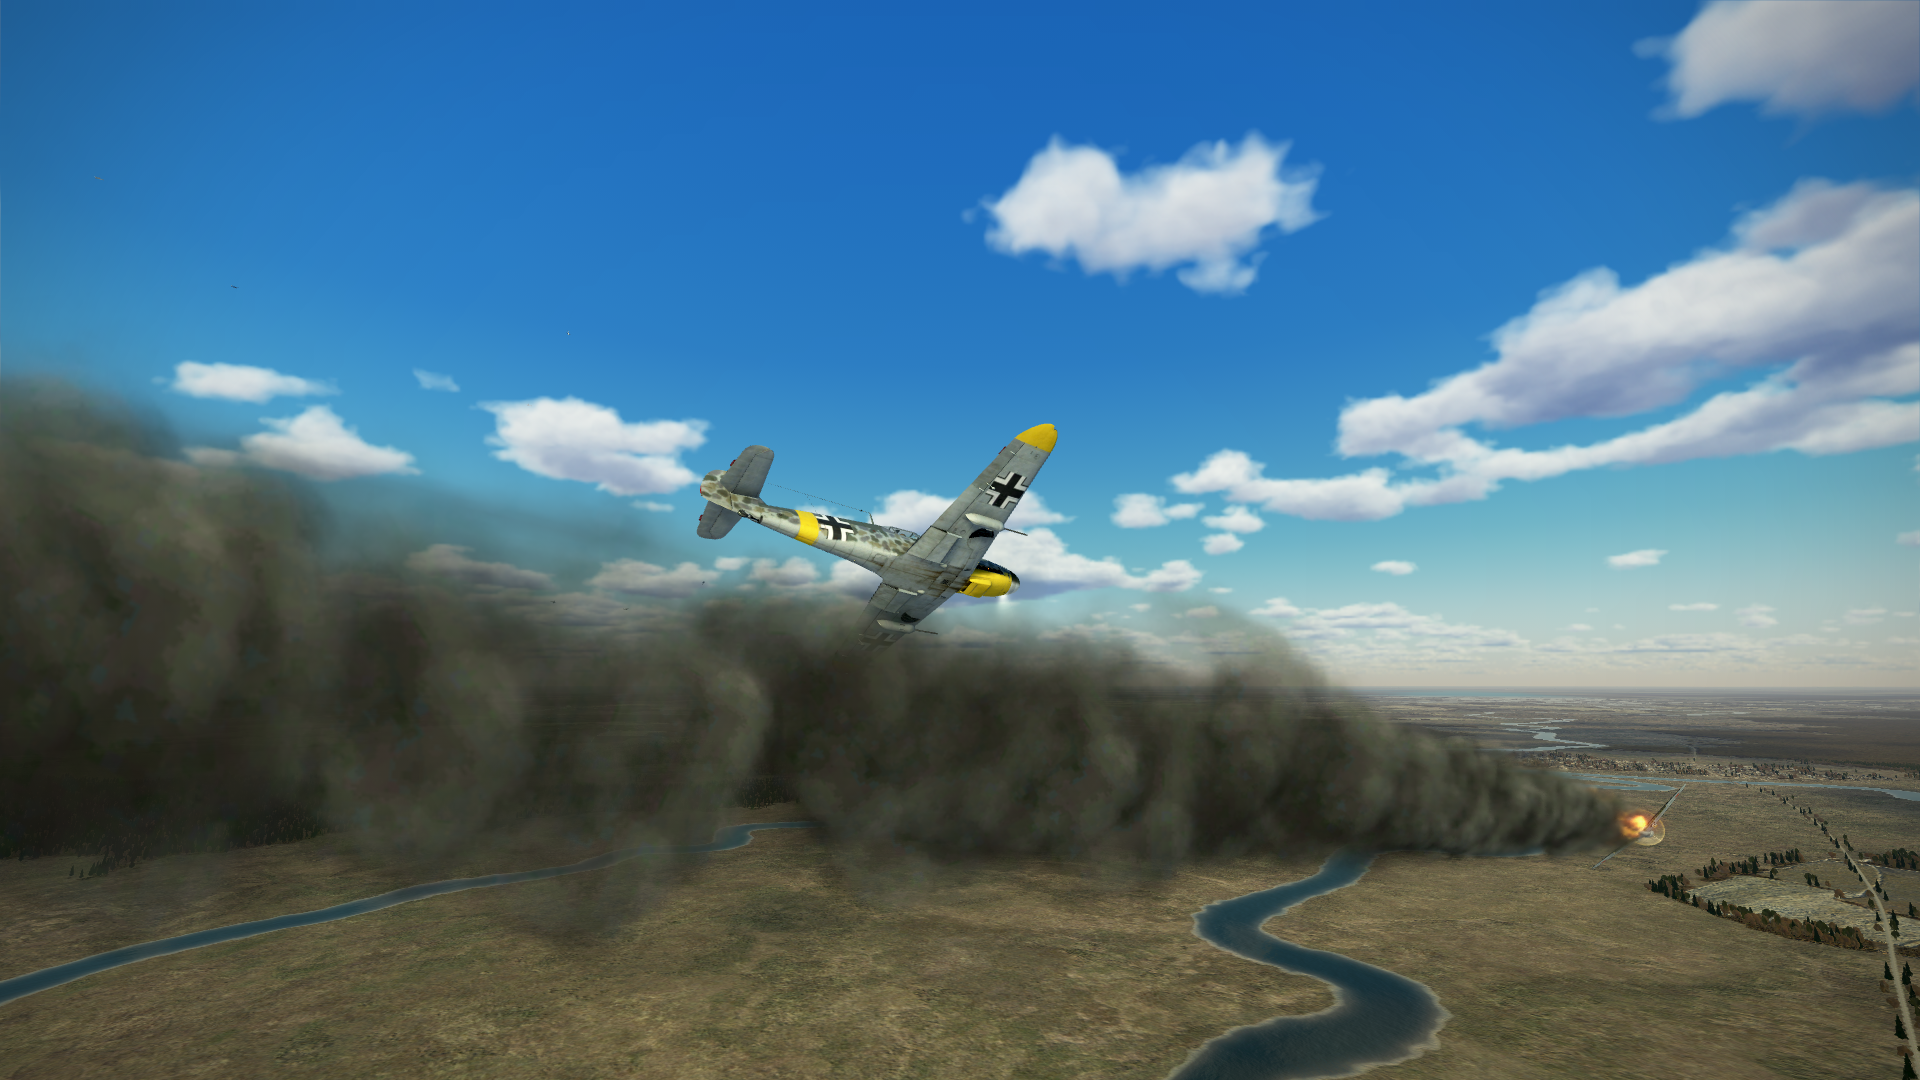 IL-2 Sturmovik Battle of Stalingrad Screenshot 2020.03.24 - 22.44.17.94.png